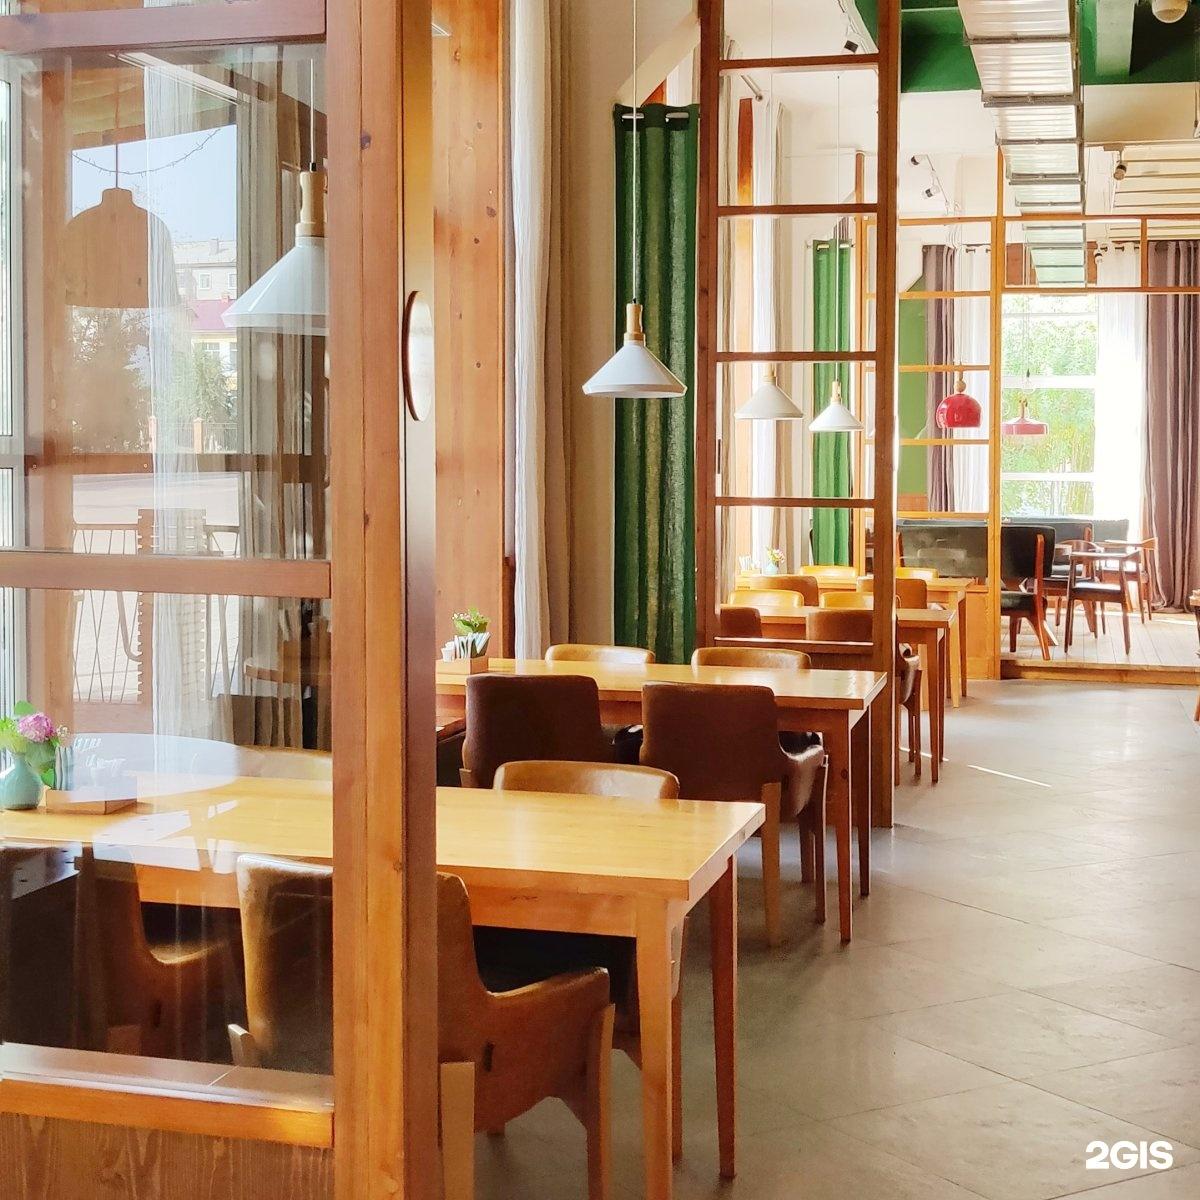 оригинальные мишки кафе эфир улан удэ фото надписями долей черного